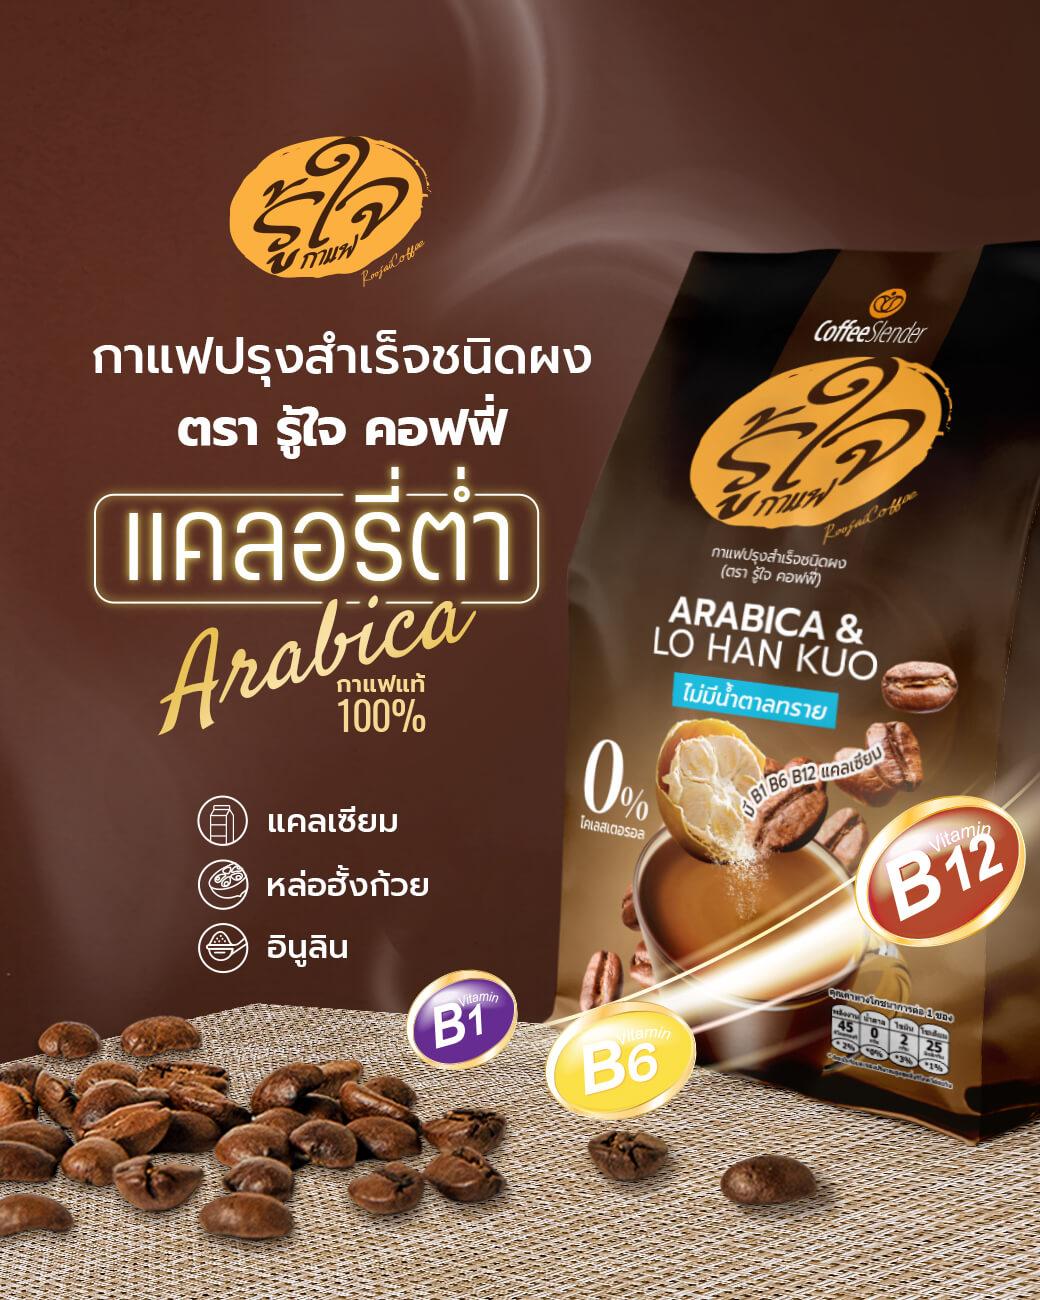 กาแฟรู้ใจ-กาแฟเพื่อสุขภาพ-กาแฟลดน้ำหนัก